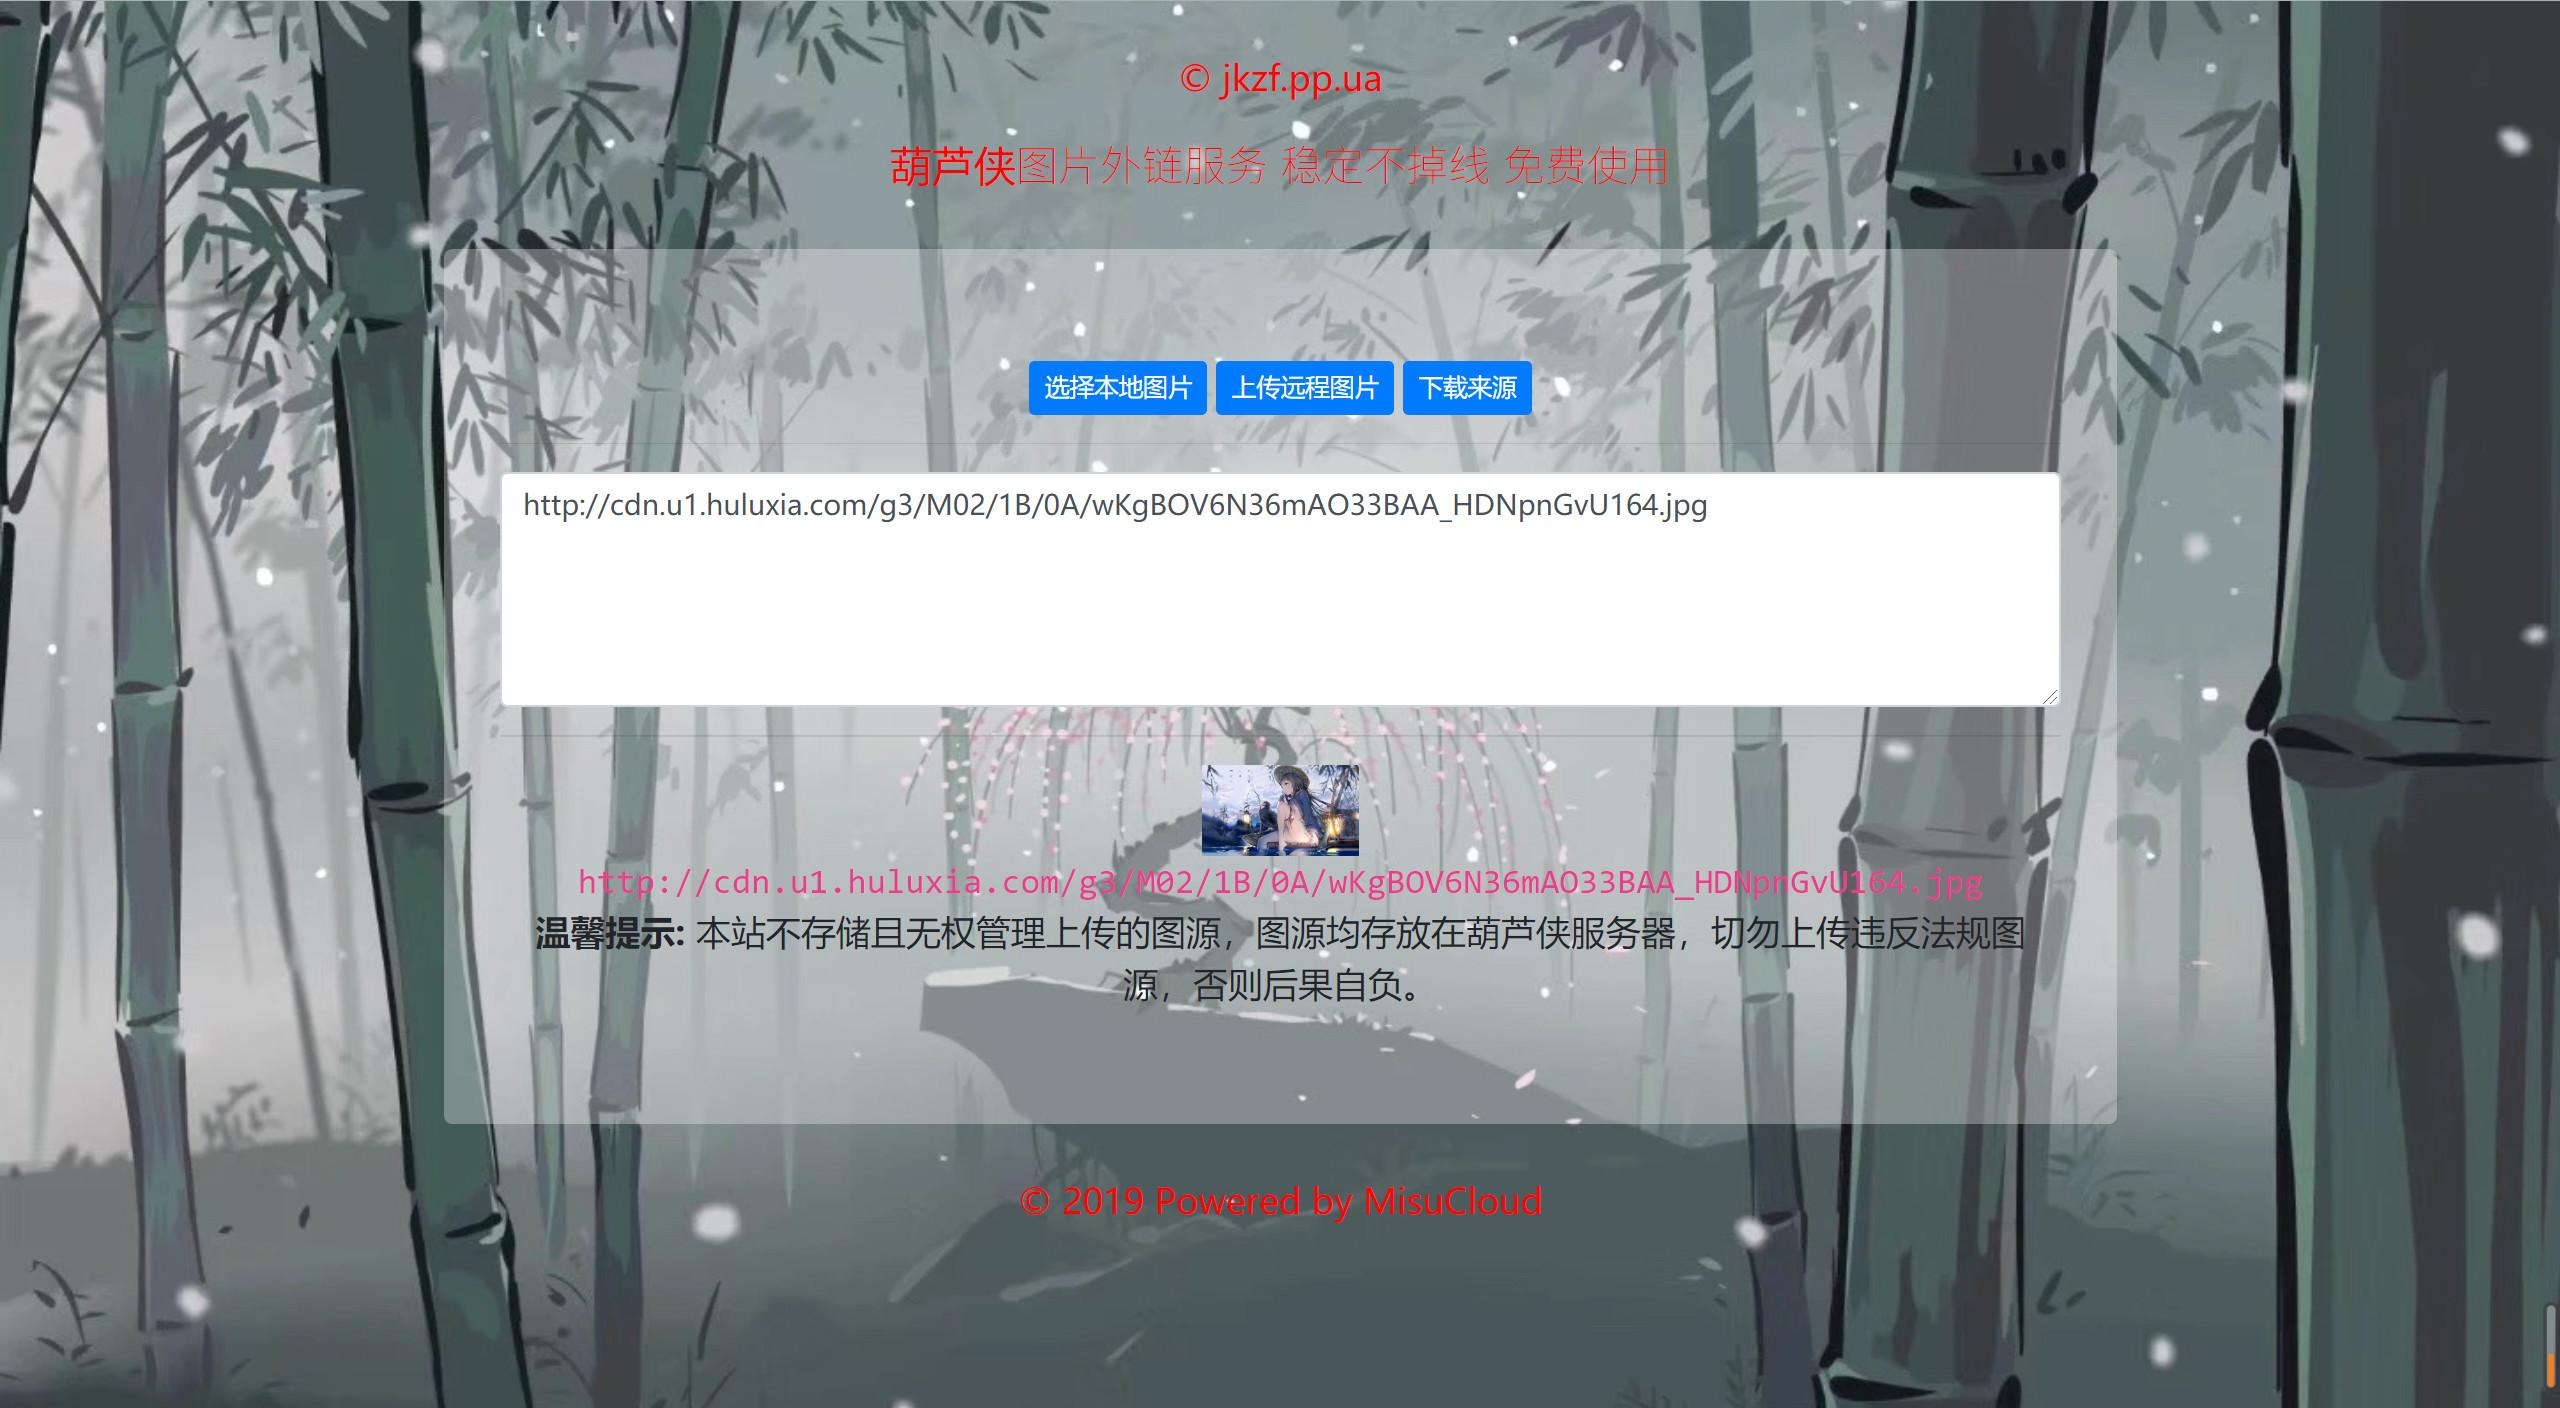 葫芦侠图床带API网站PHP程序源码